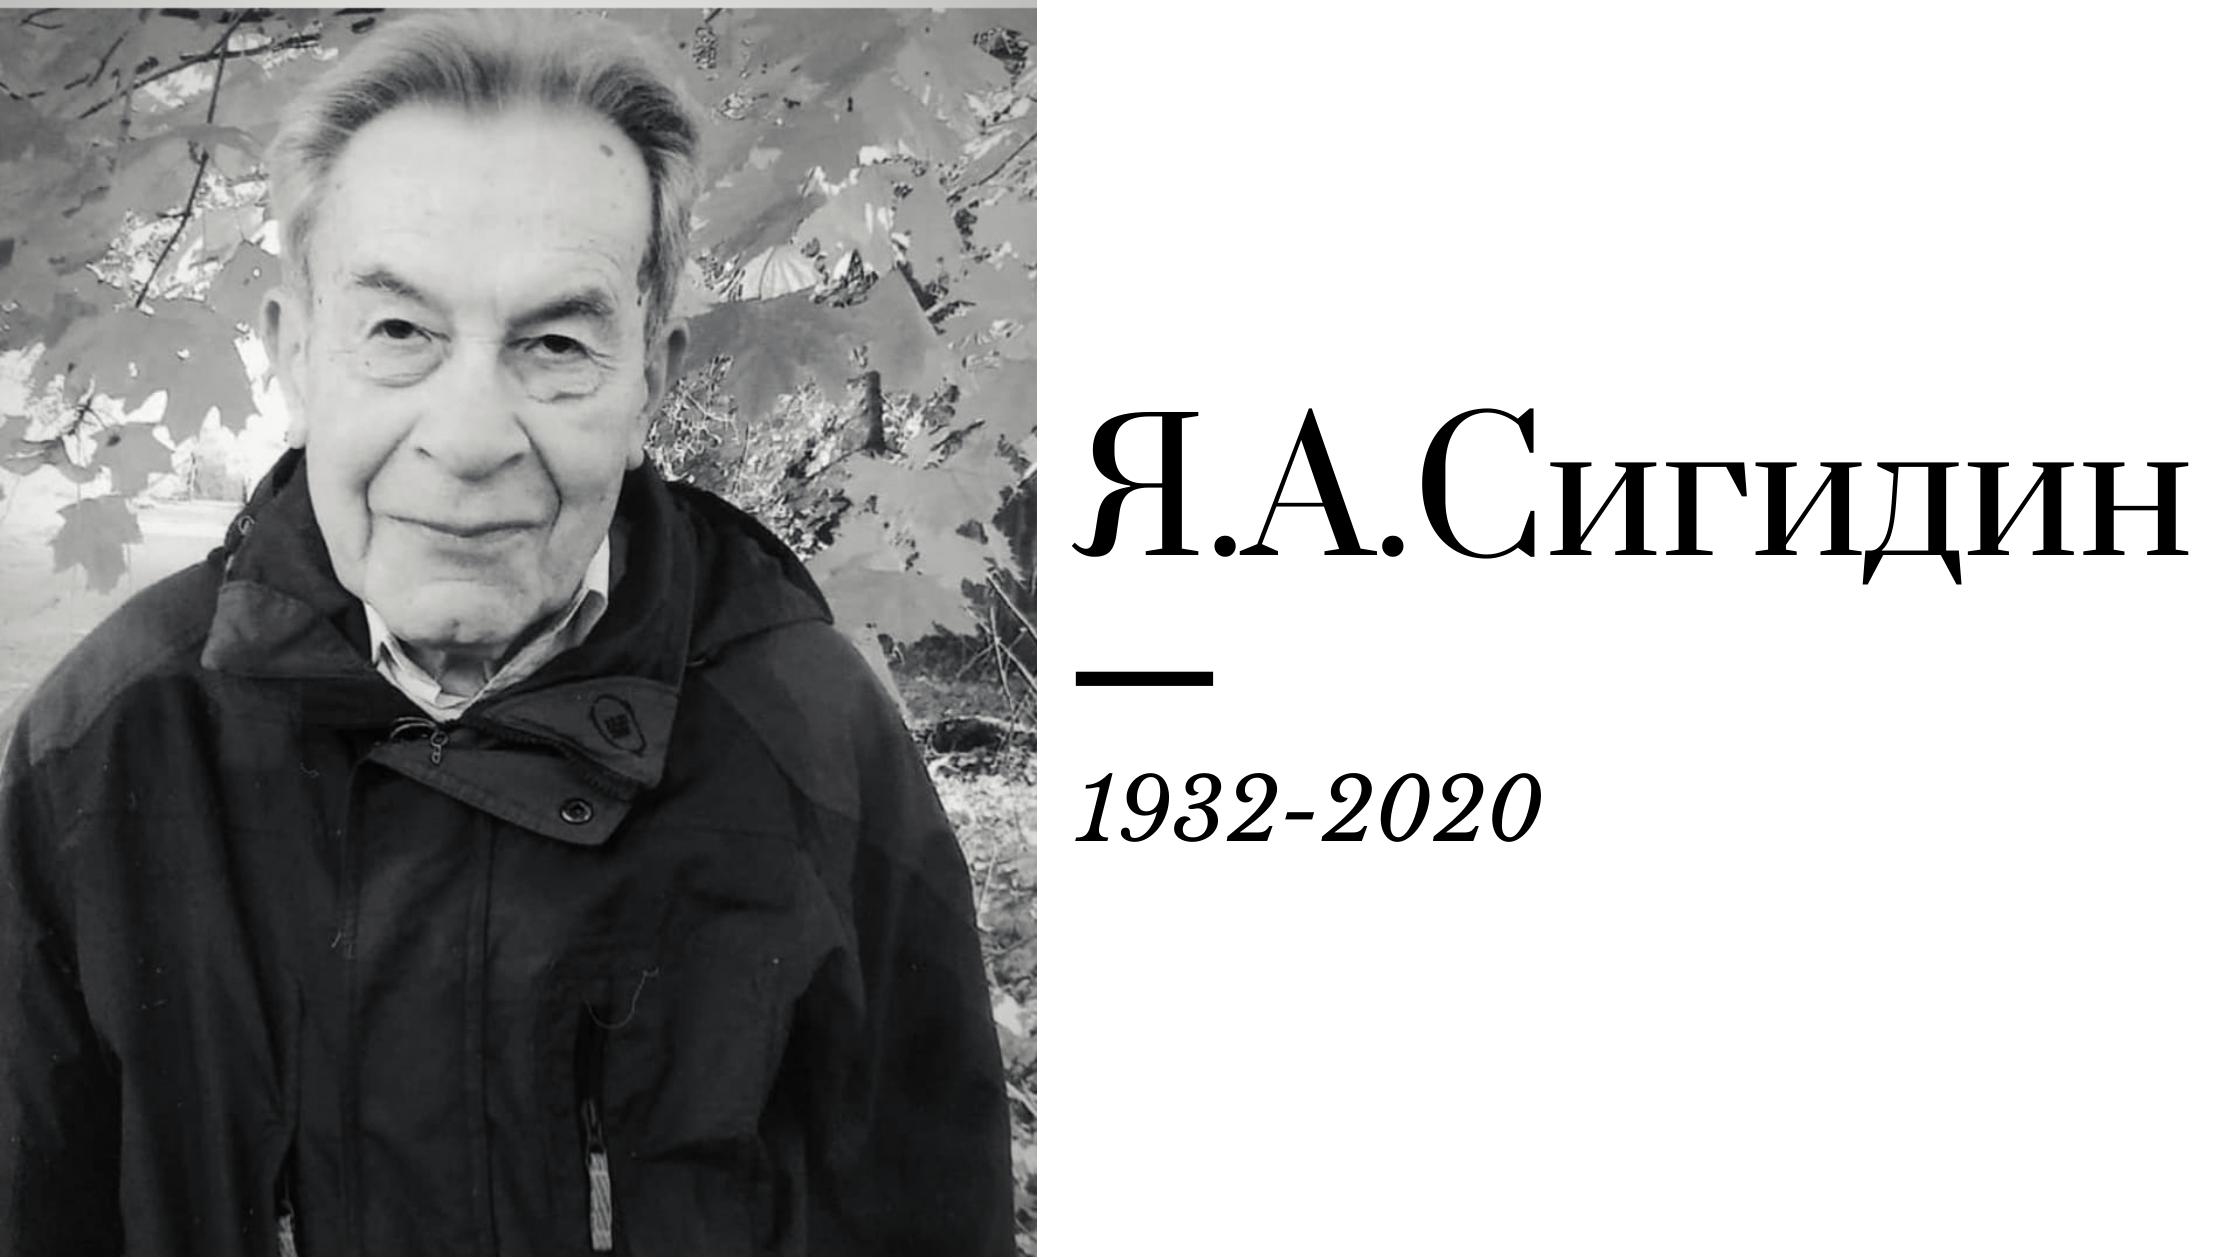 Ушёл из жизни один из создателей российской школы ревматологии Яков Александрович Сигидин